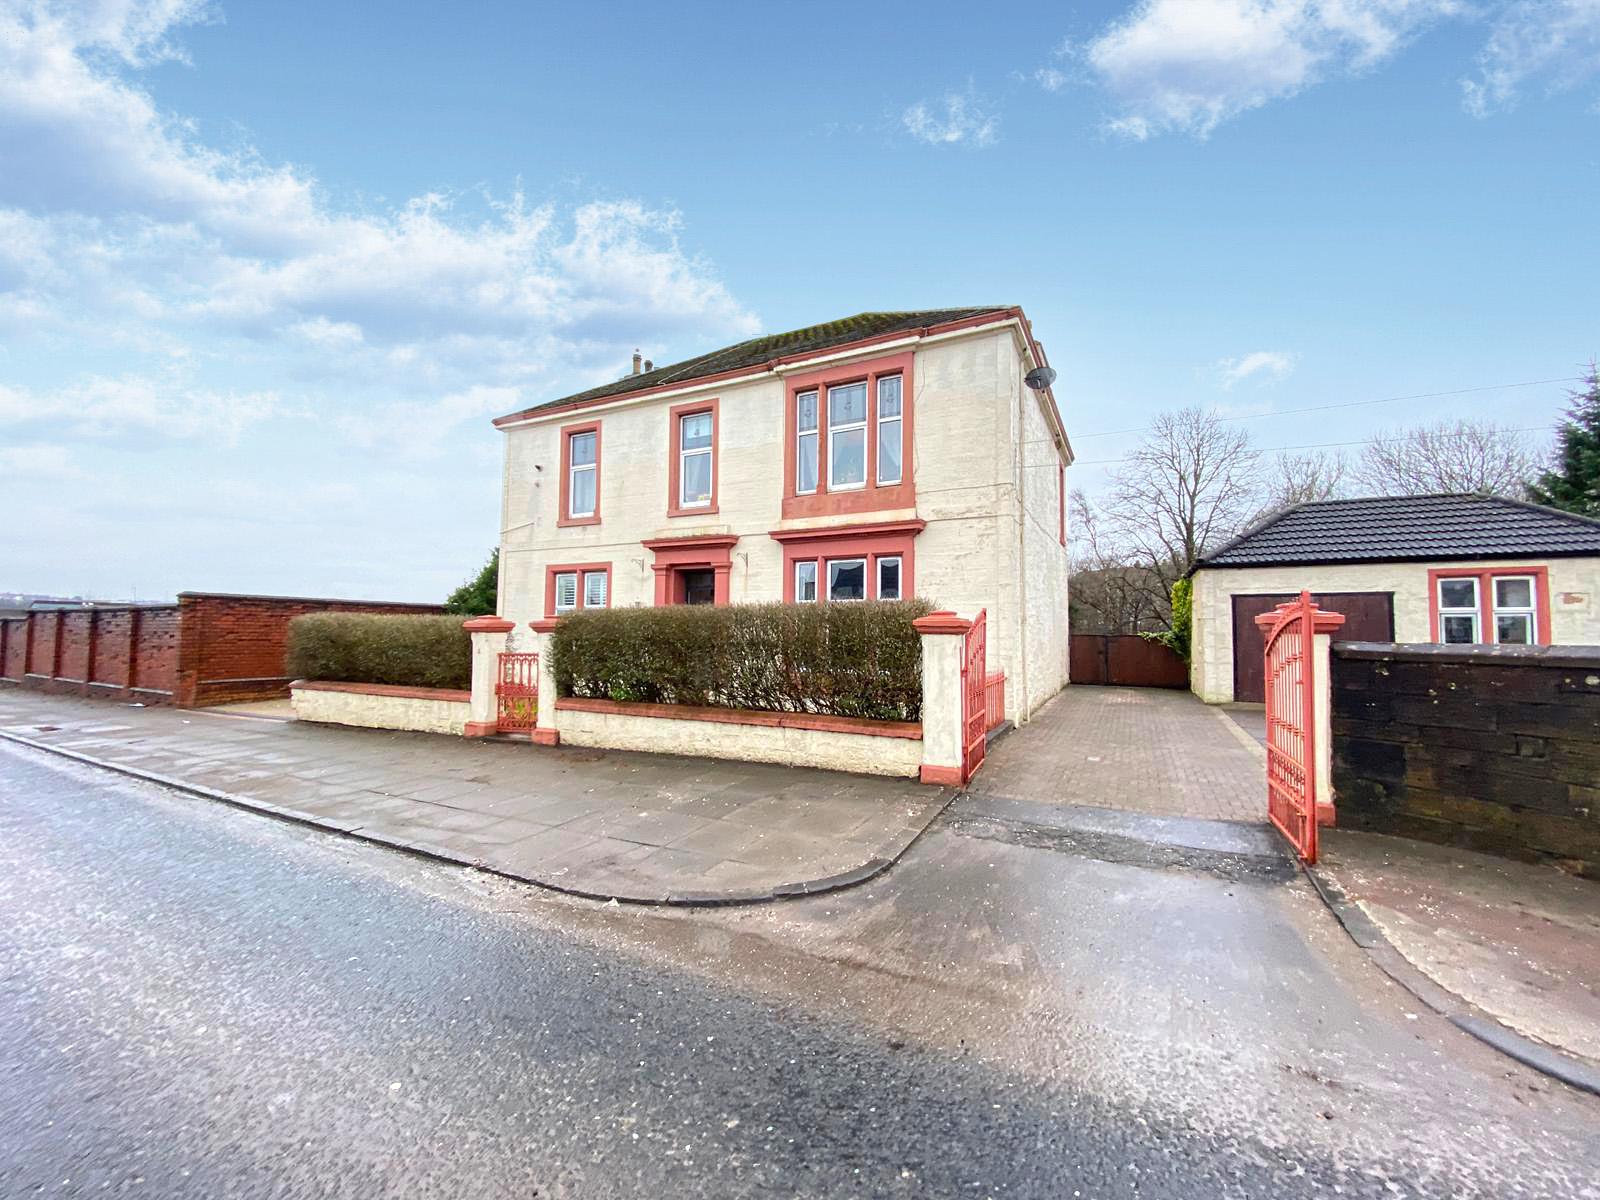 Burnbank House, Burnbank Street, Coatbridge